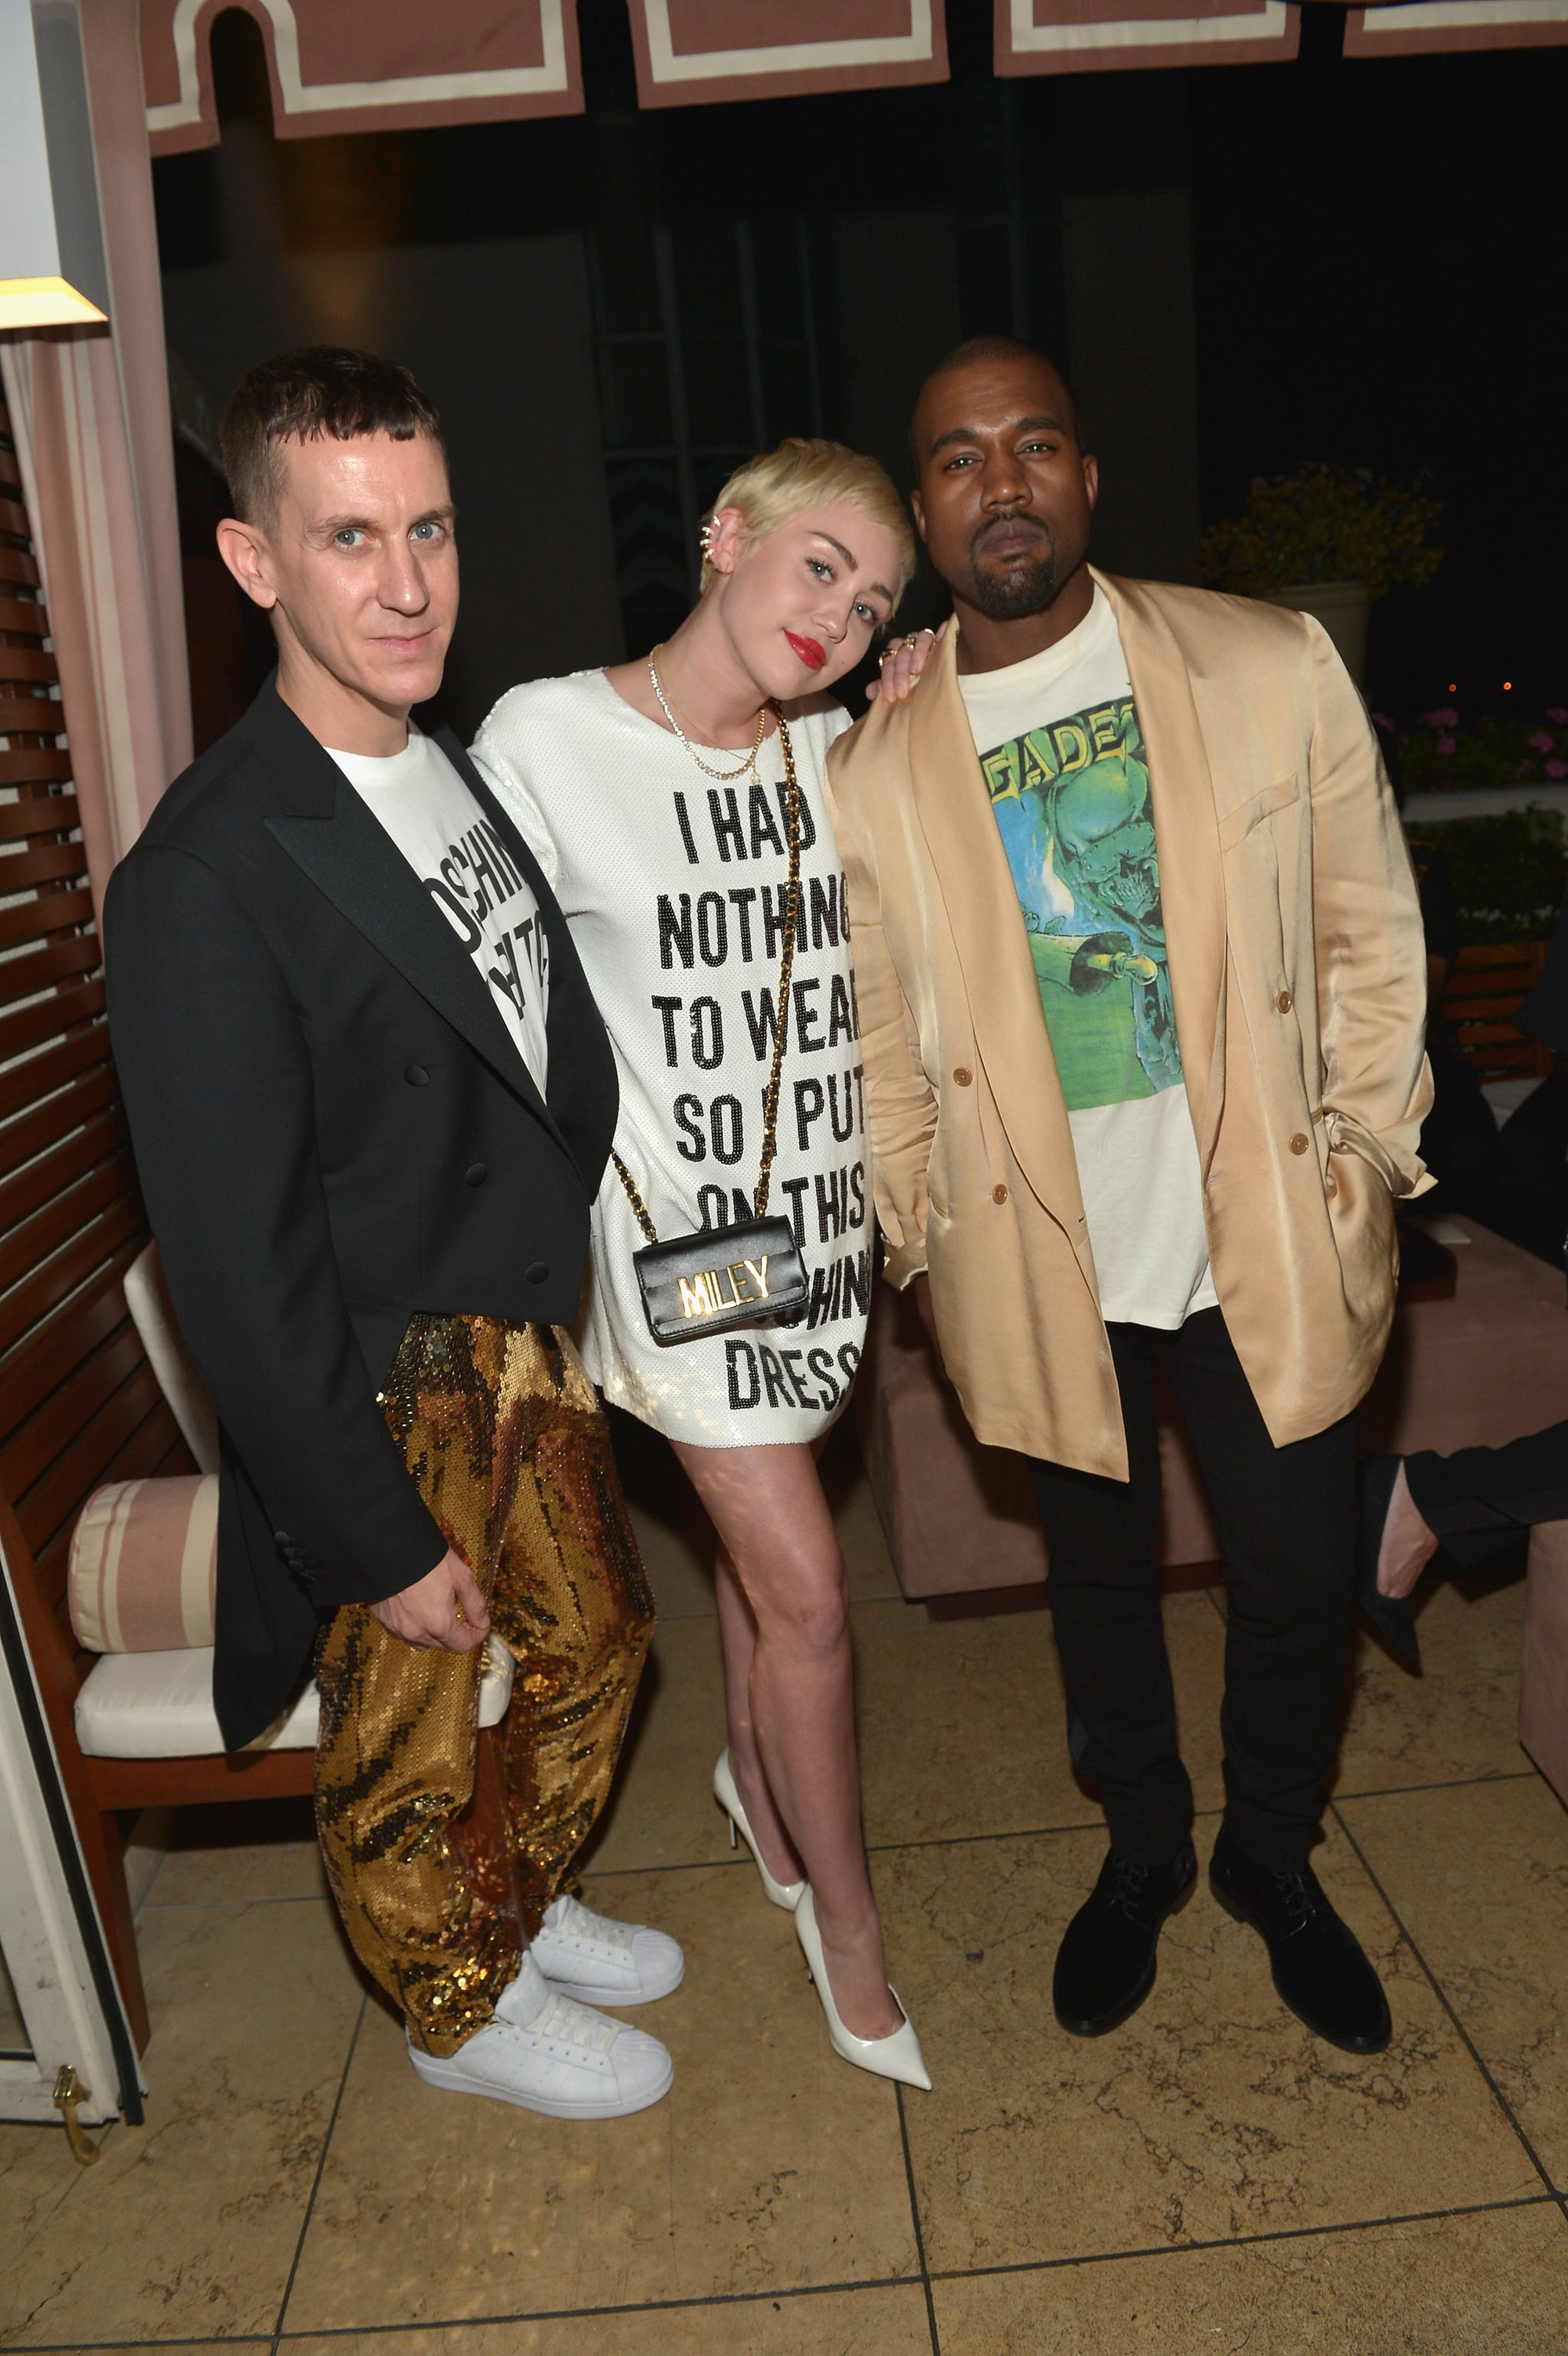 Khung hình quyền lực quy tụ toàn nhân vật máu mặt: Tỷ phú Rihanna và Kanye West chễm chệ, nhìn dàn sao ngồi cạnh mà choáng - Ảnh 8.